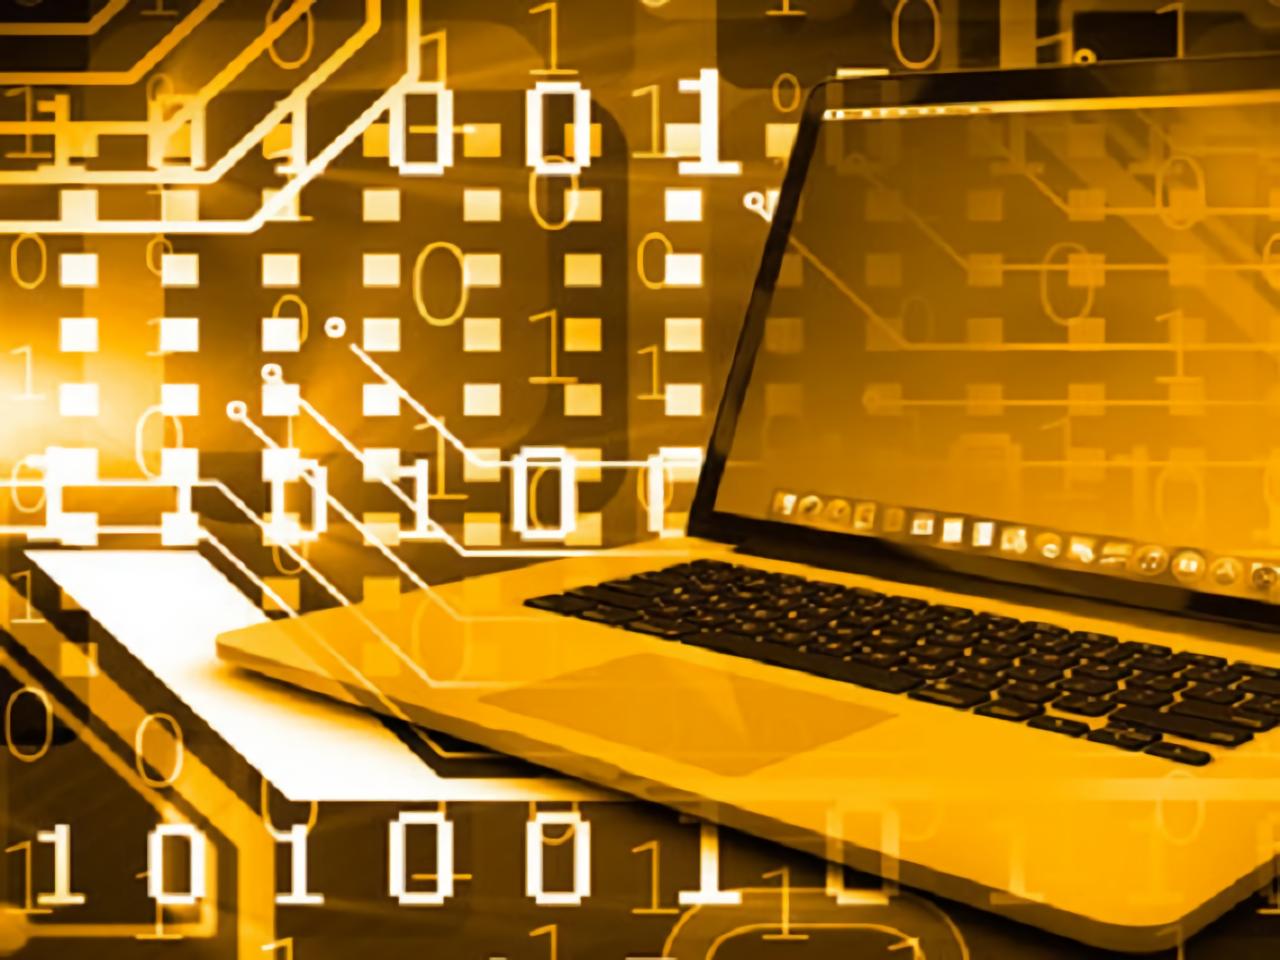 ウイングアーク1st、デジタルワークフローと帳票を連携させたクラウドサービスを提供